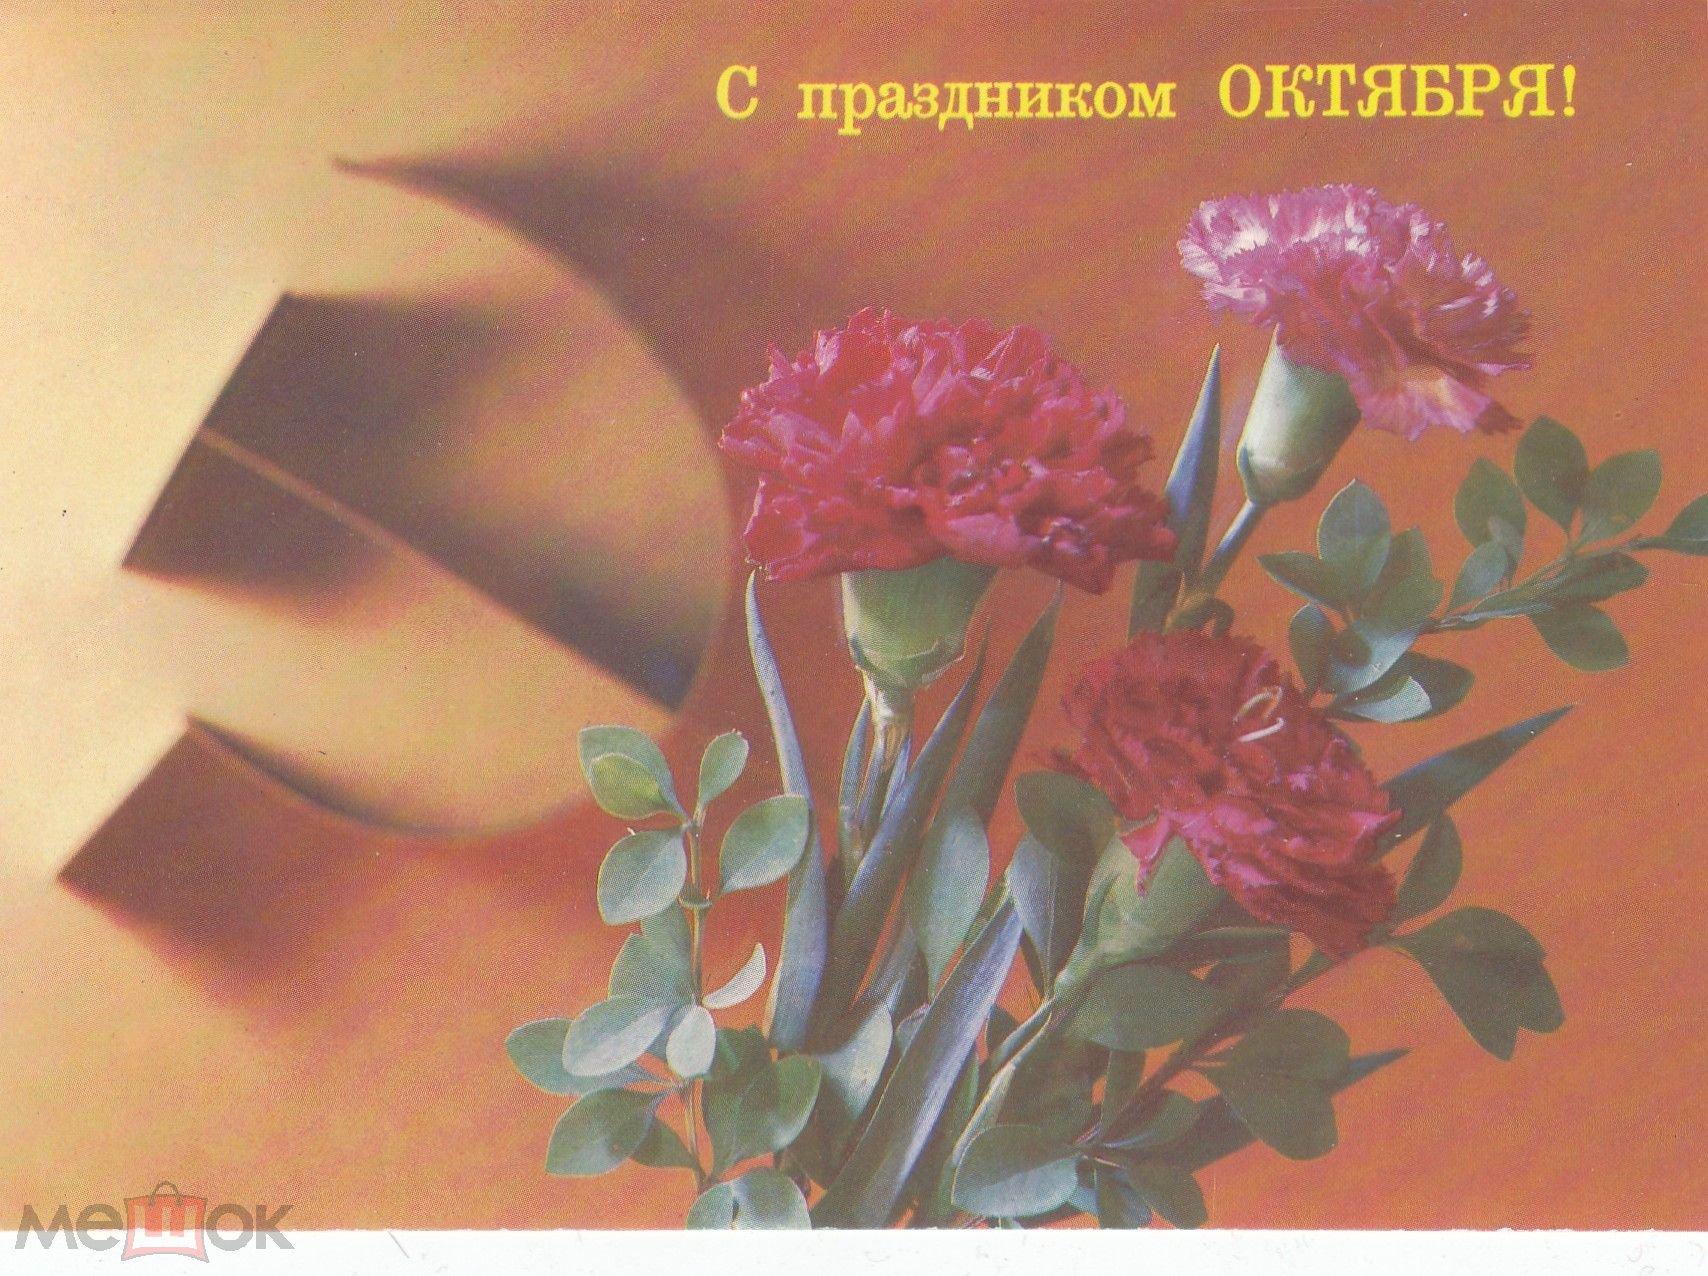 Советская открытка с праздником октября, счастья картинки